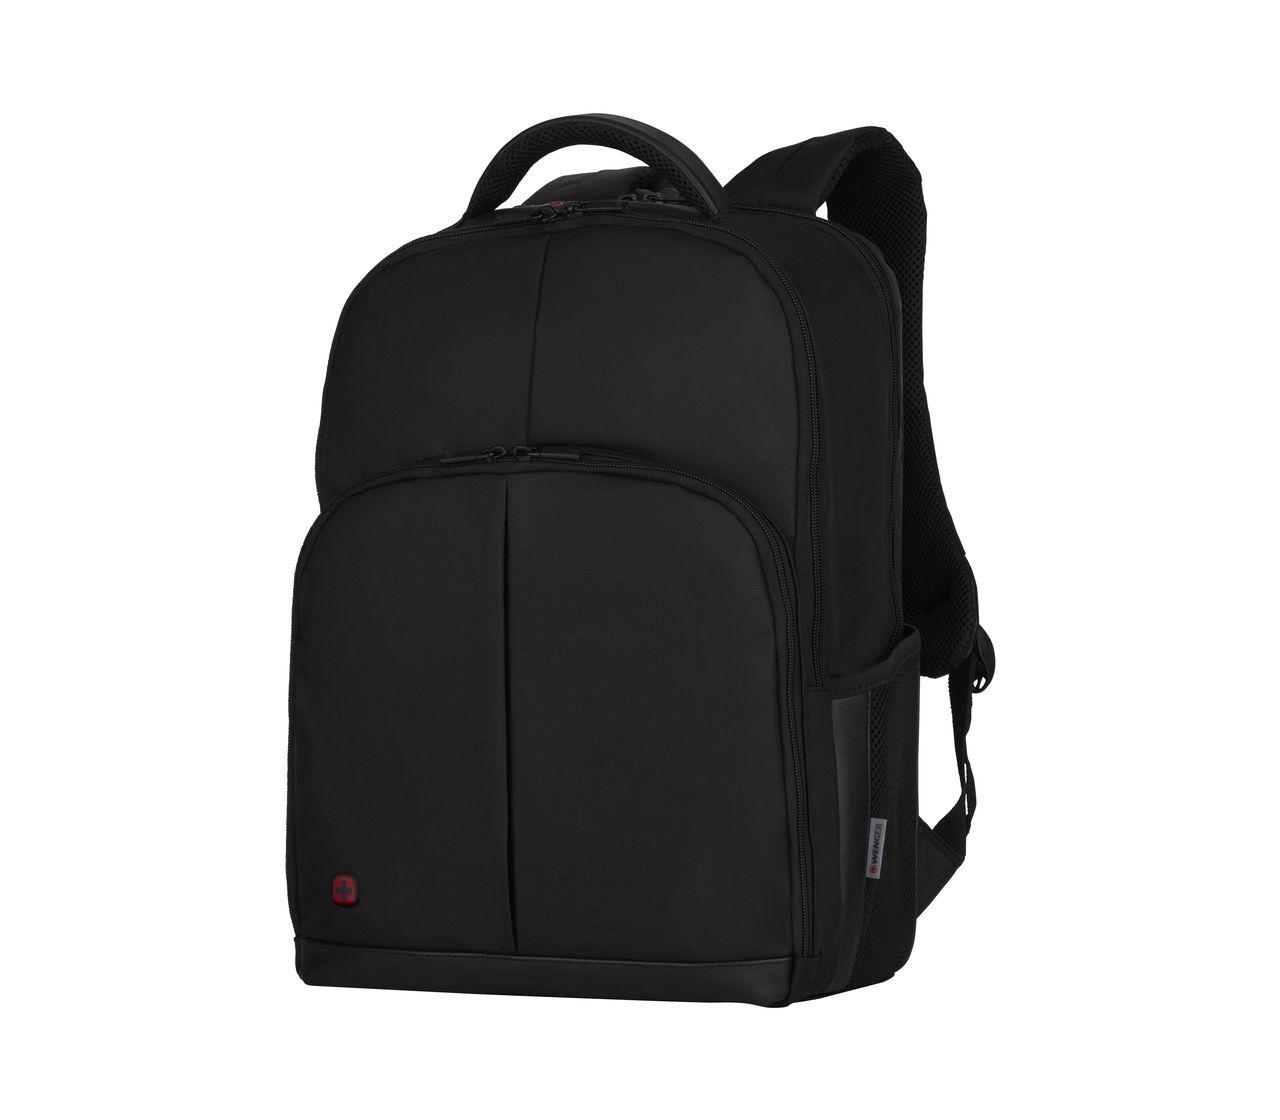 831877cbd7927 Wenger Link 16   Laptop Backpack in black - 601072